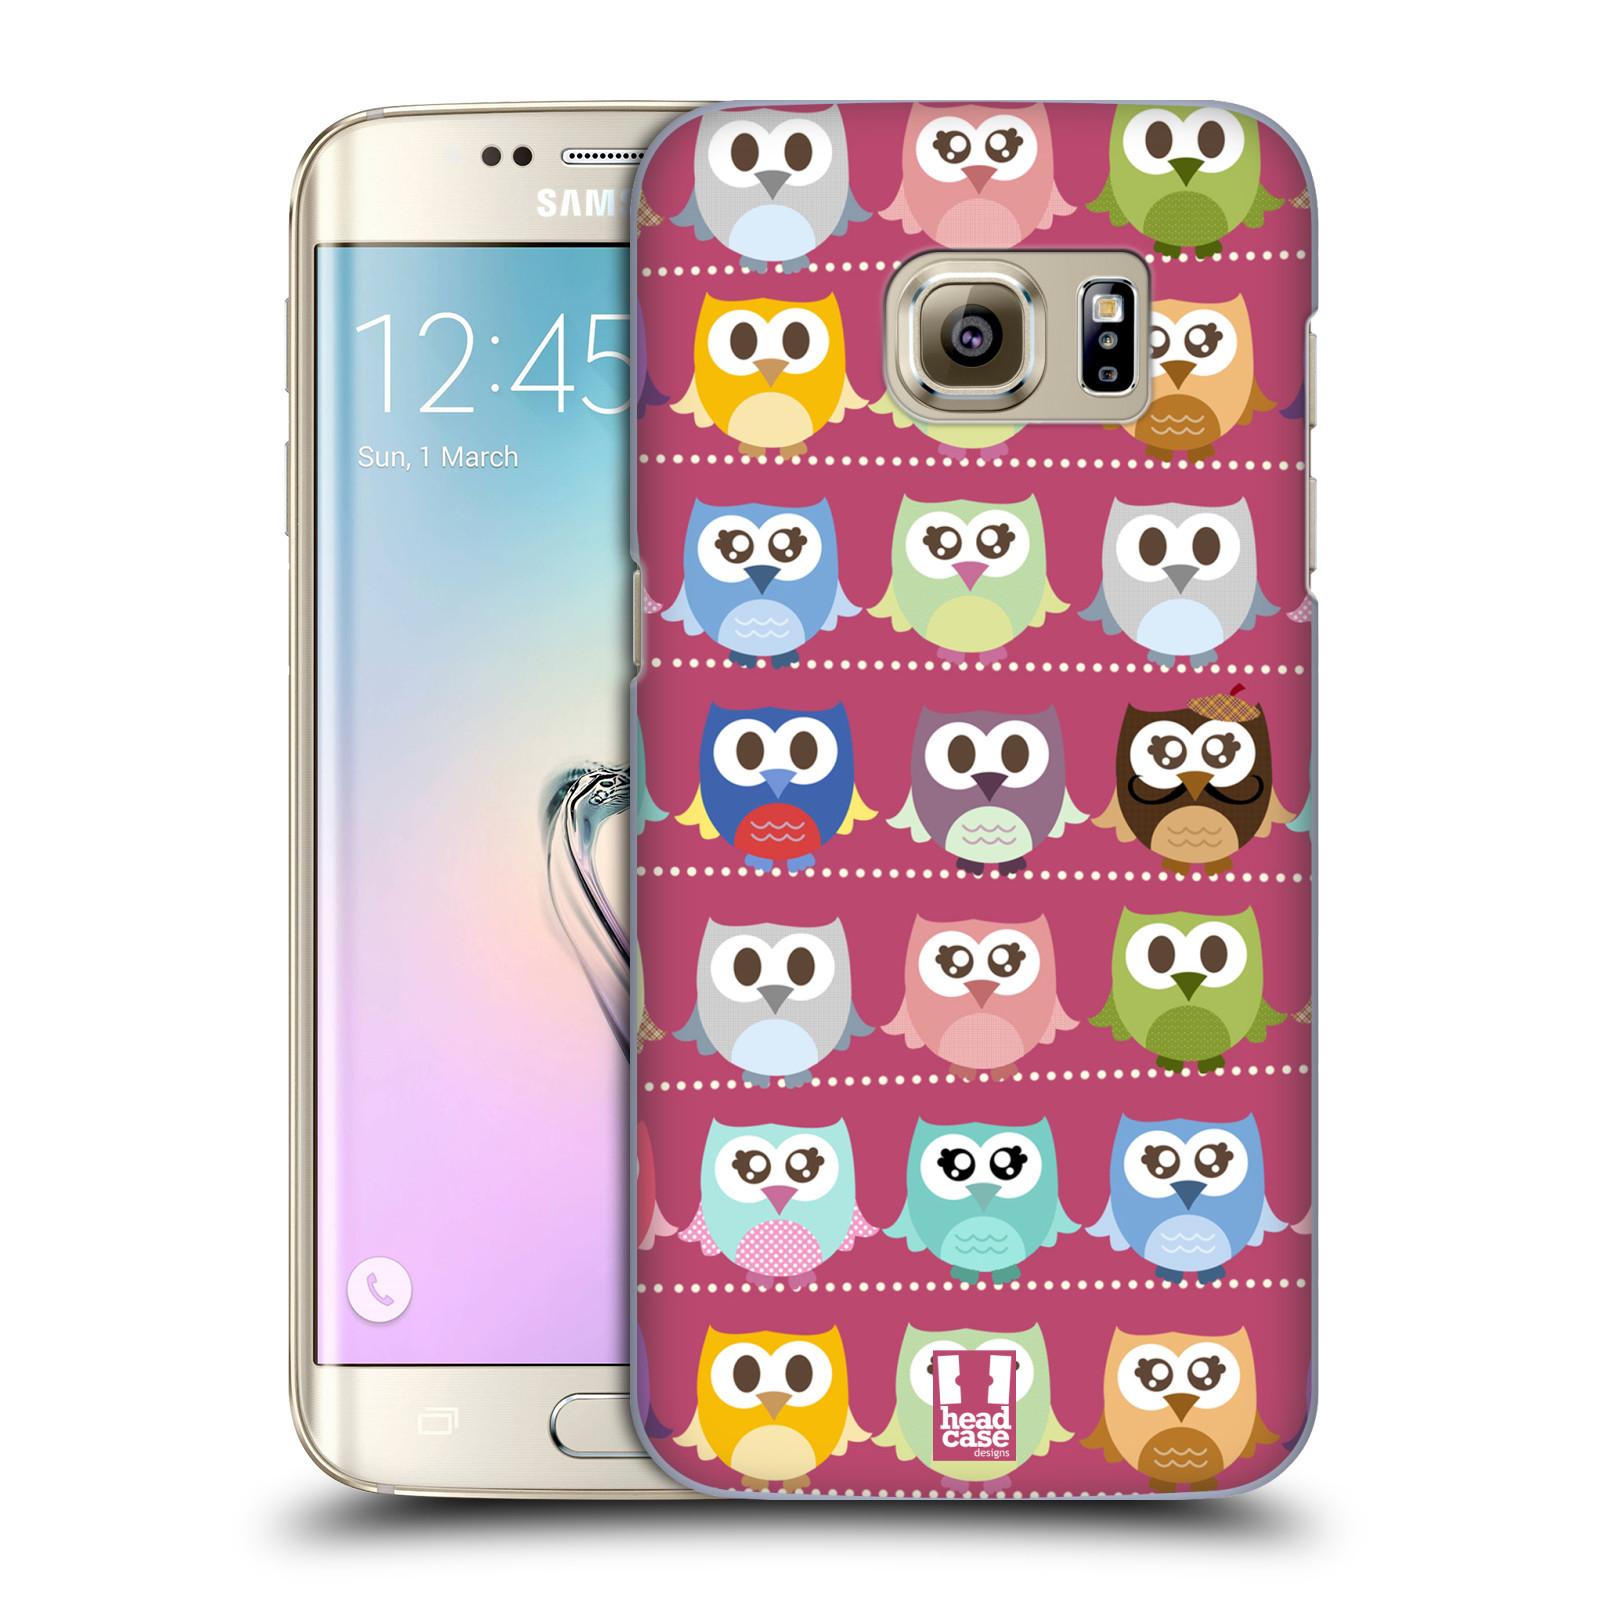 Plastové pouzdro na mobil Samsung Galaxy S7 Edge HEAD CASE SOVIČKY RŮŽOVÉ (Kryt či obal na mobilní telefon Samsung Galaxy S7 Edge SM-G935F)